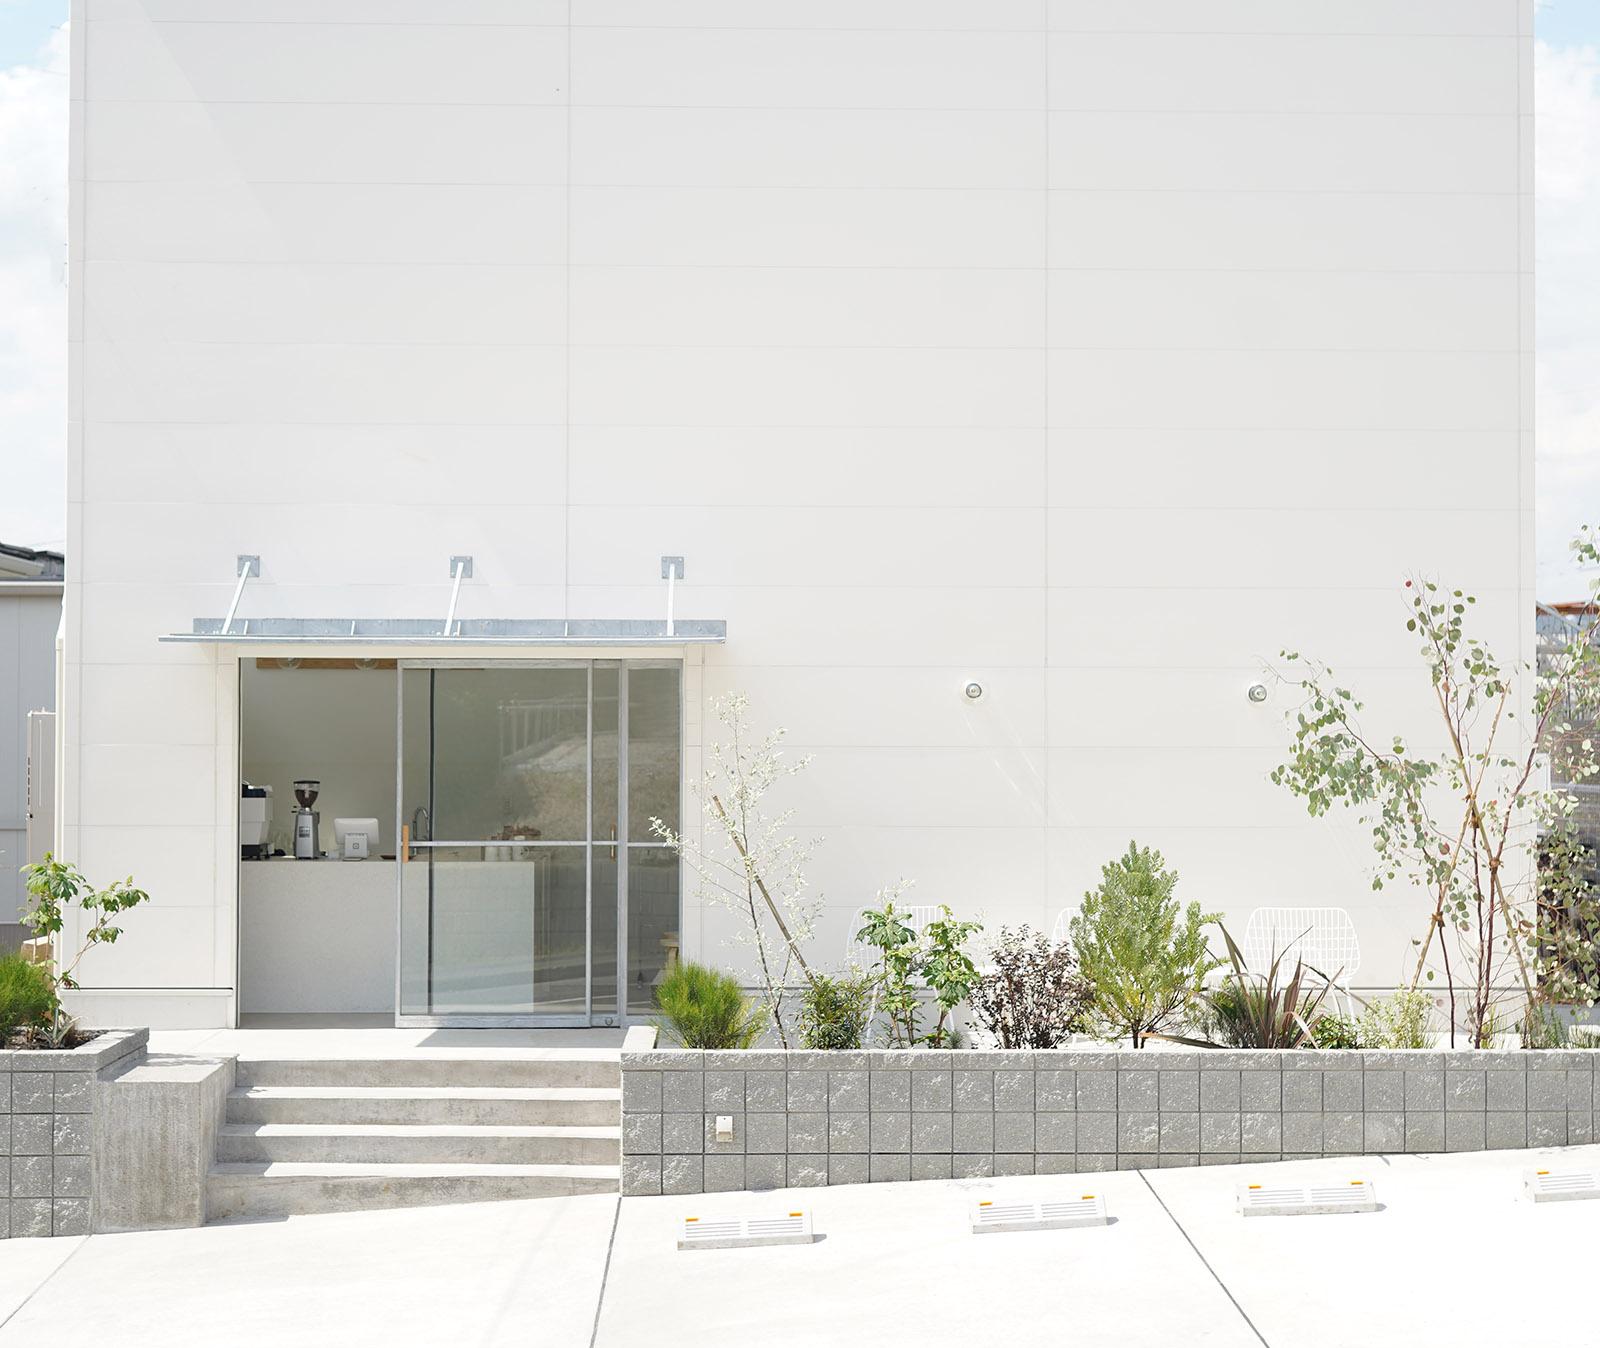 建物を正面に見て、右側の壁面に白色のスタジオ玄関ドアがあります